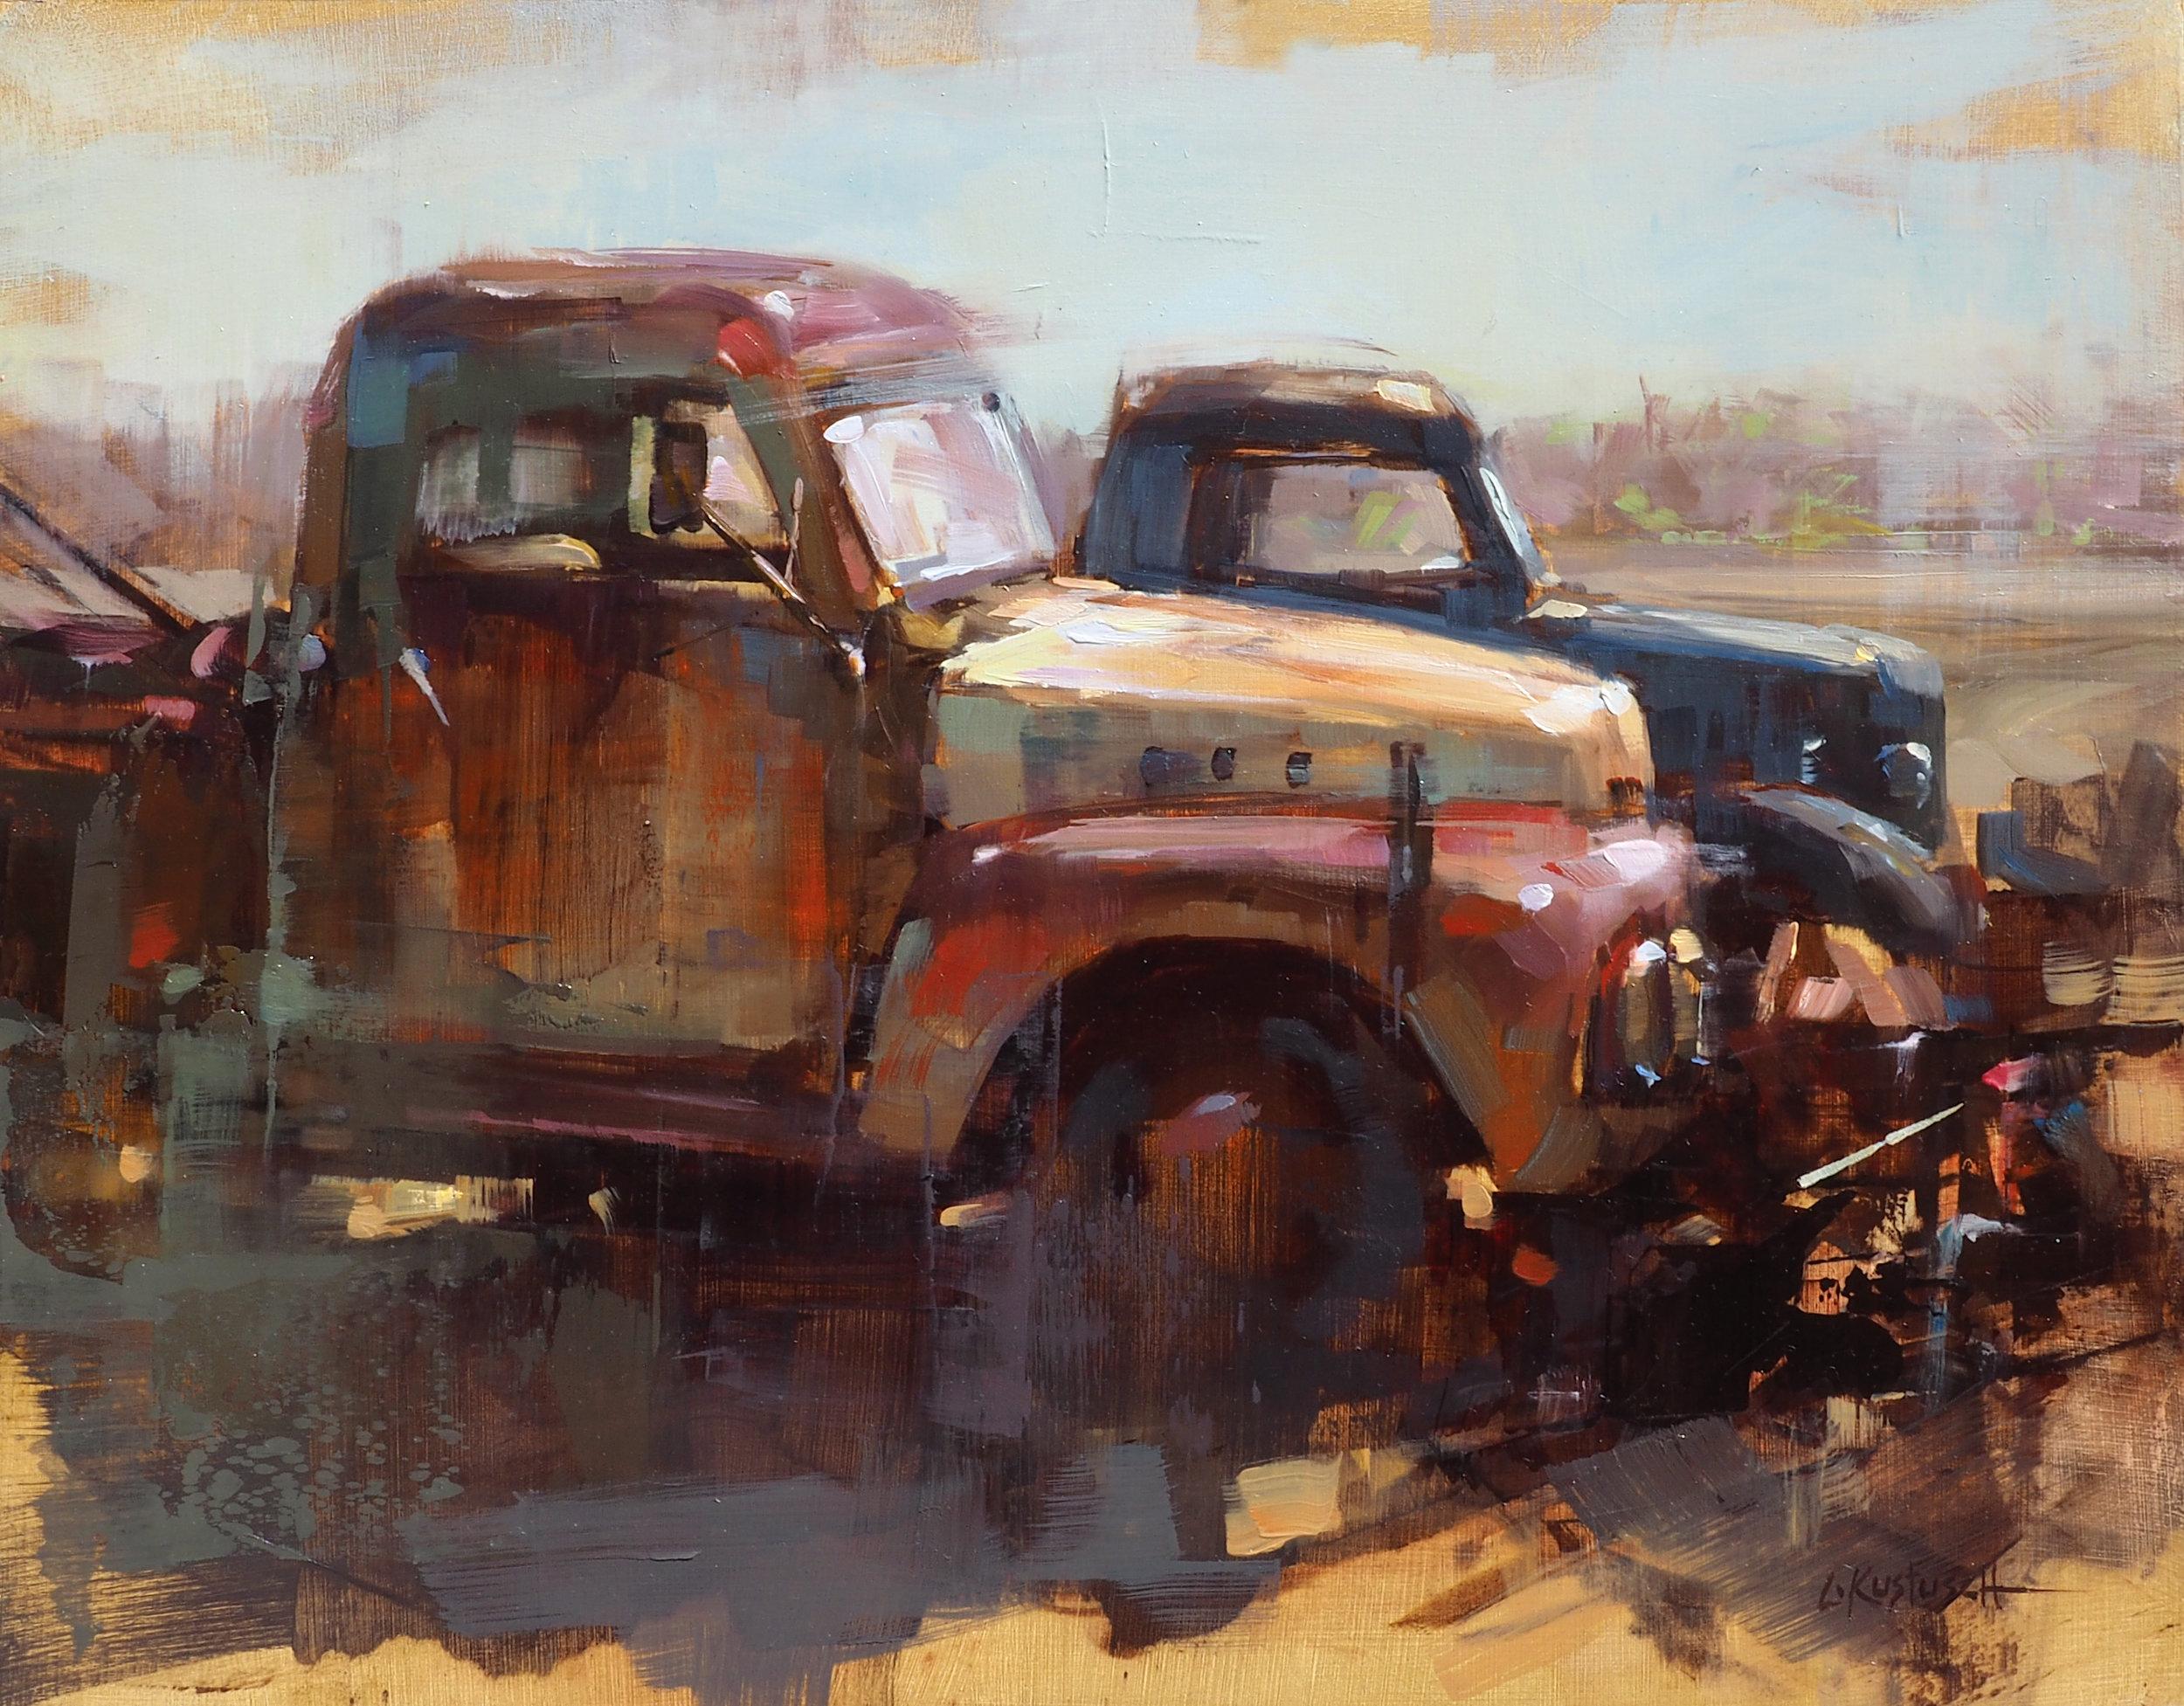 Morning Light on the Old Trucks